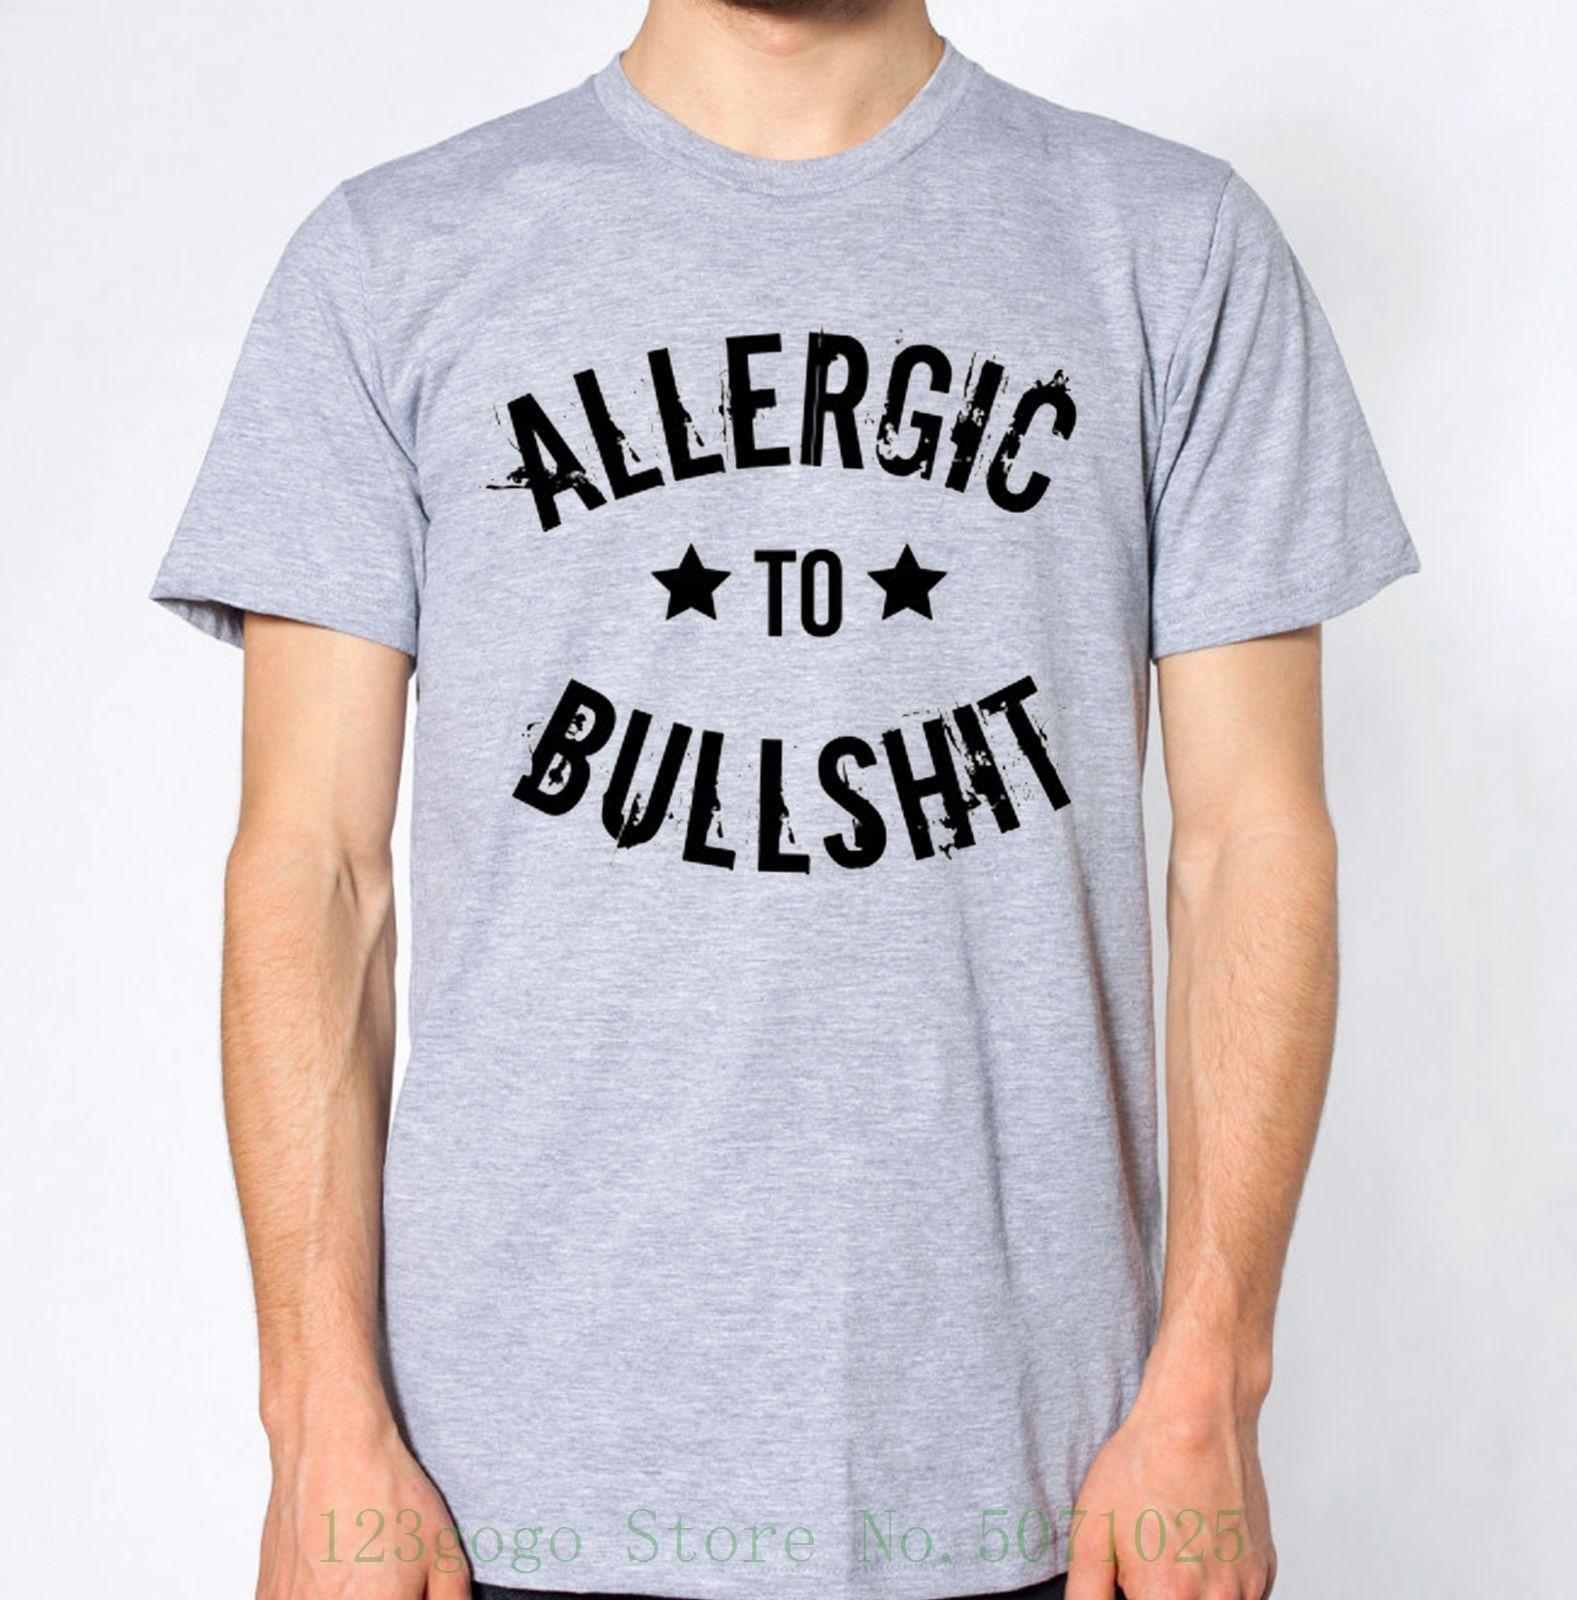 Nueva camiseta alergic To Bullshit divertida broma Liar Humour divertida camiseta de moda nueva llegada Simple